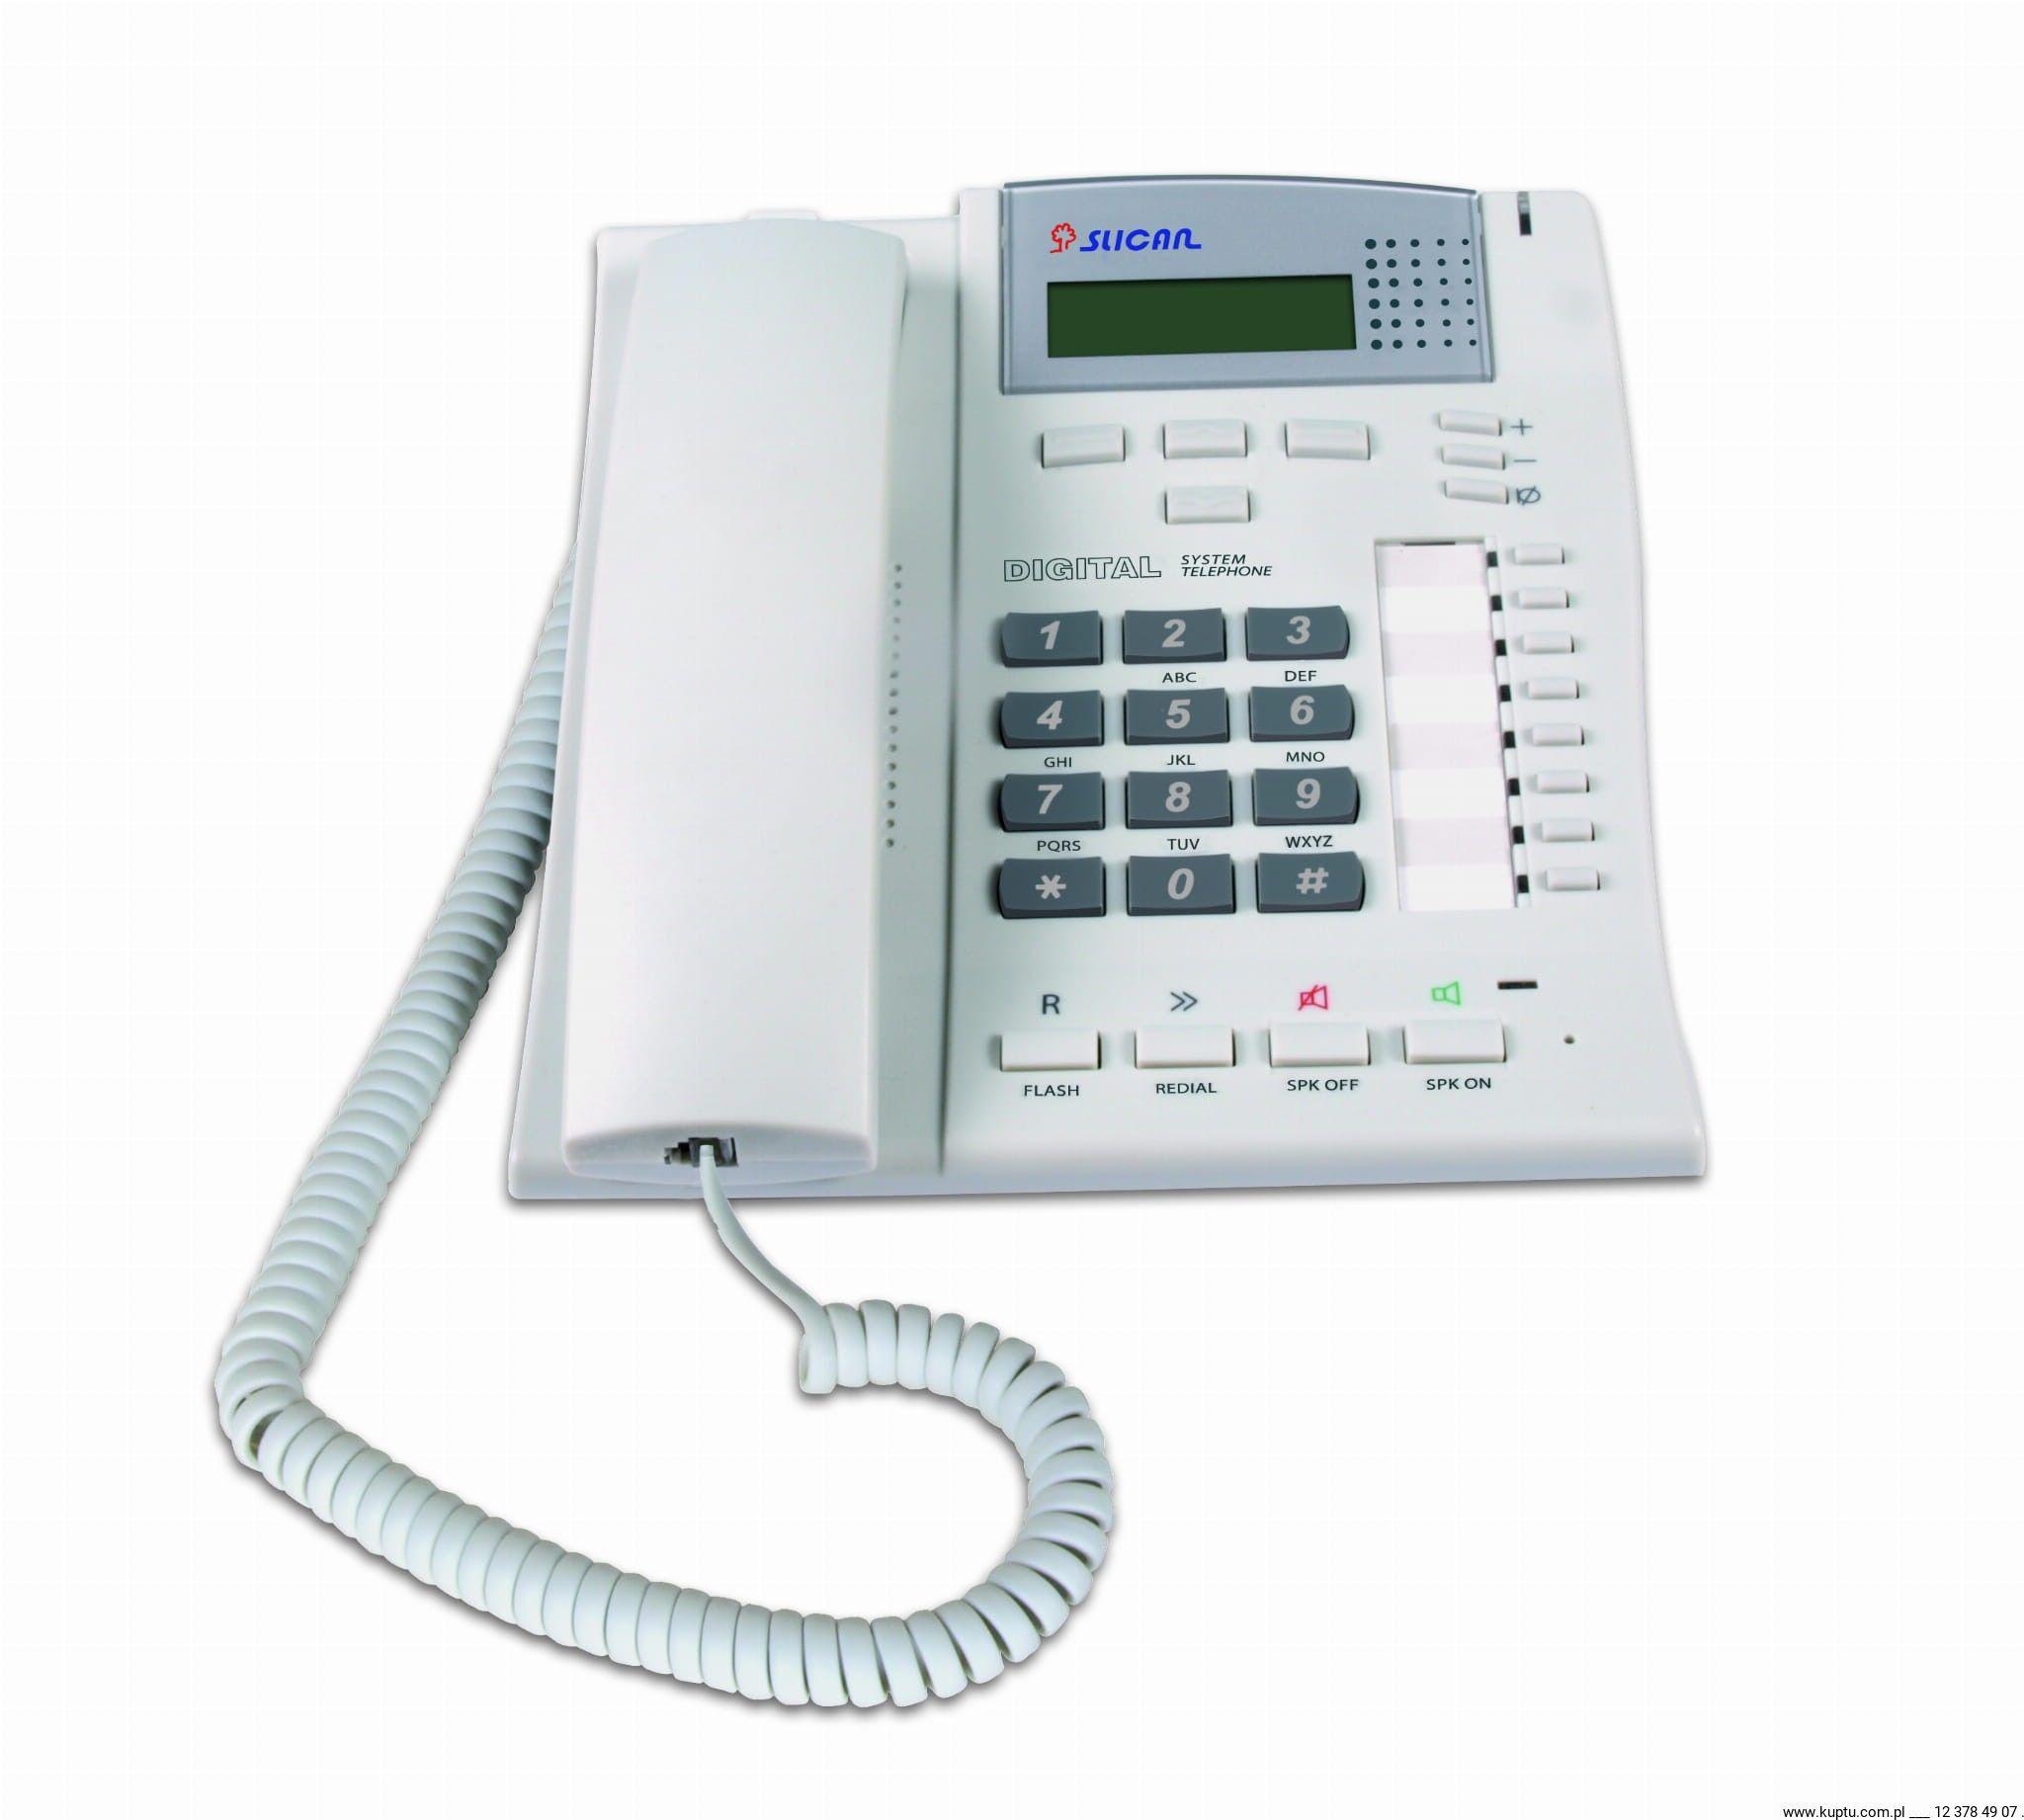 CTS-102.CL telefon systemowy Slican (wyświetlacz 4-liniowy)